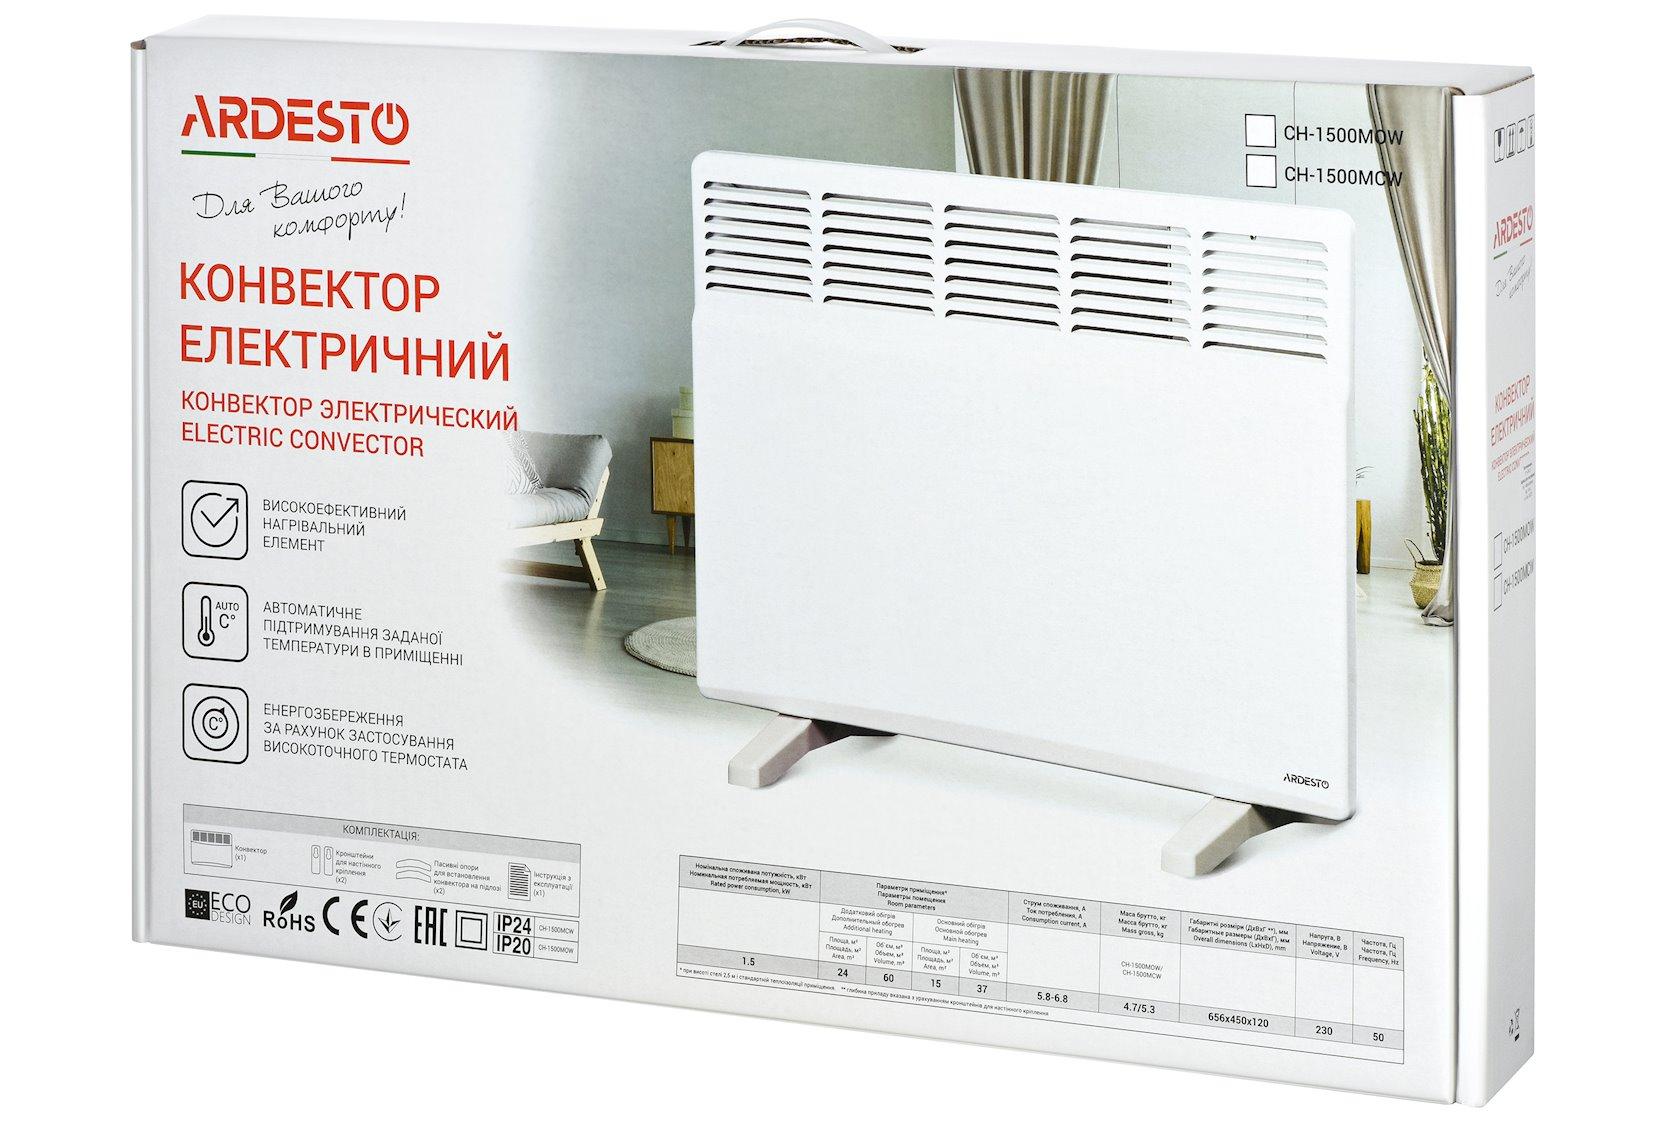 Konvektor Ardesto CH-1500MCW